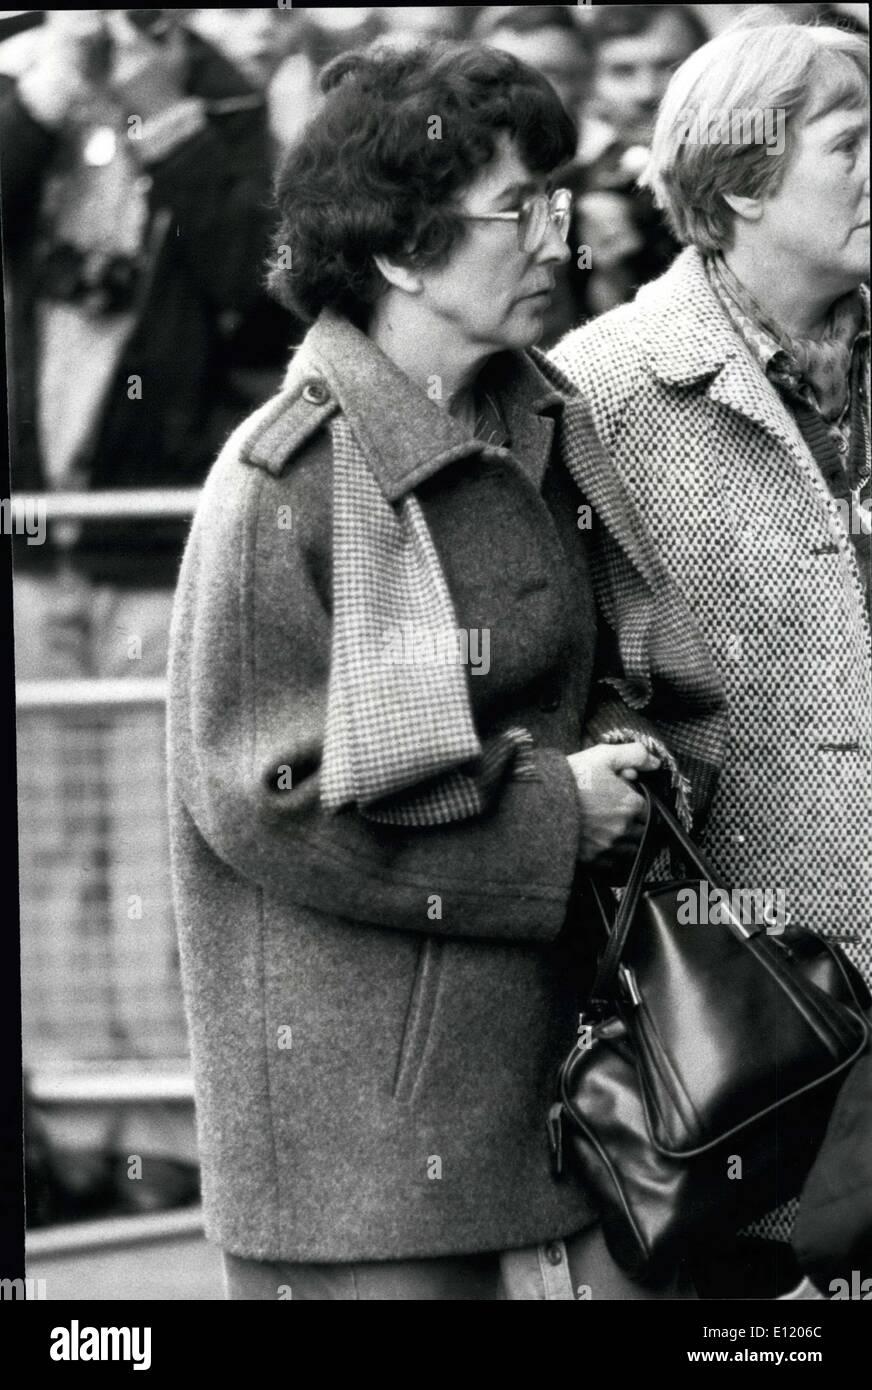 Mayo 05, 1981 - El Juicio del asesino de masas Peter Sutcliffe se ...